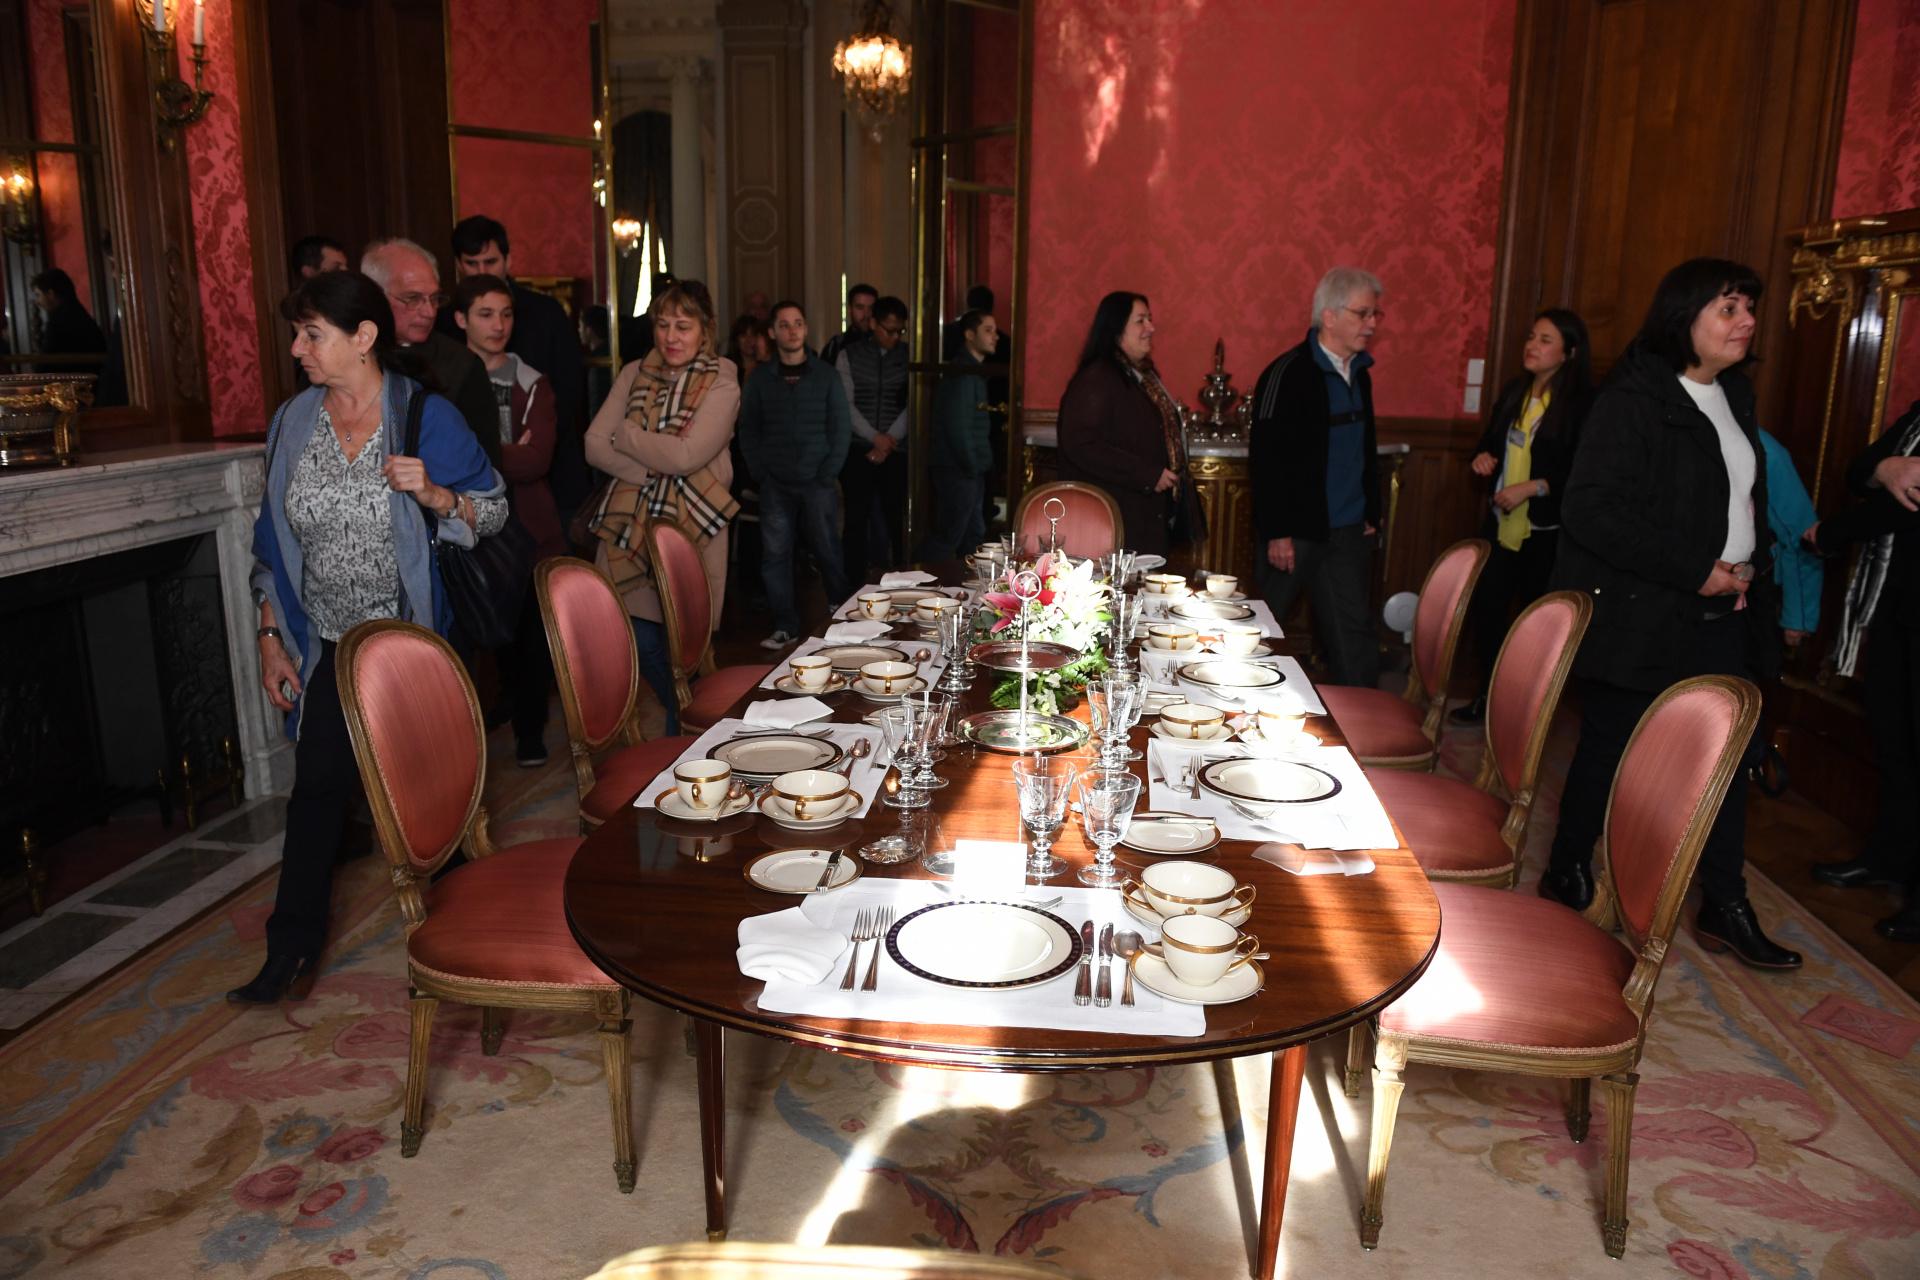 El comedor diario está revestido con entretelado y dispone de una mesa para ocho personas. Era usado por el matrimonio Bosch y sus seis hijos